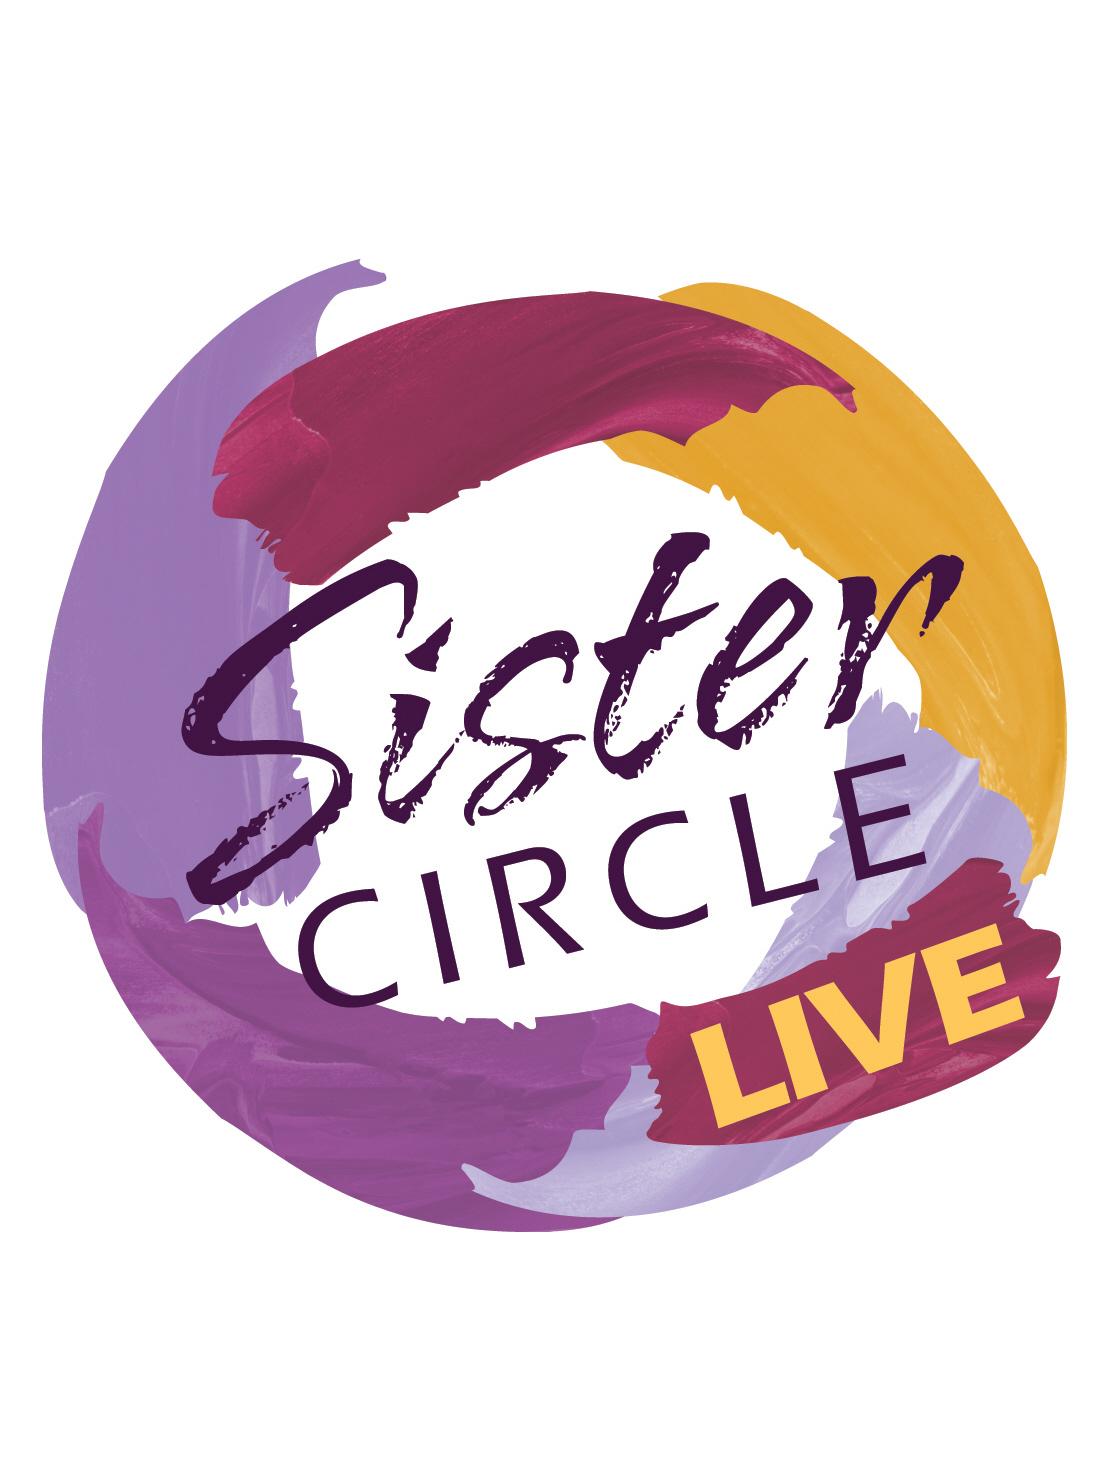 sisterscircle.jpg